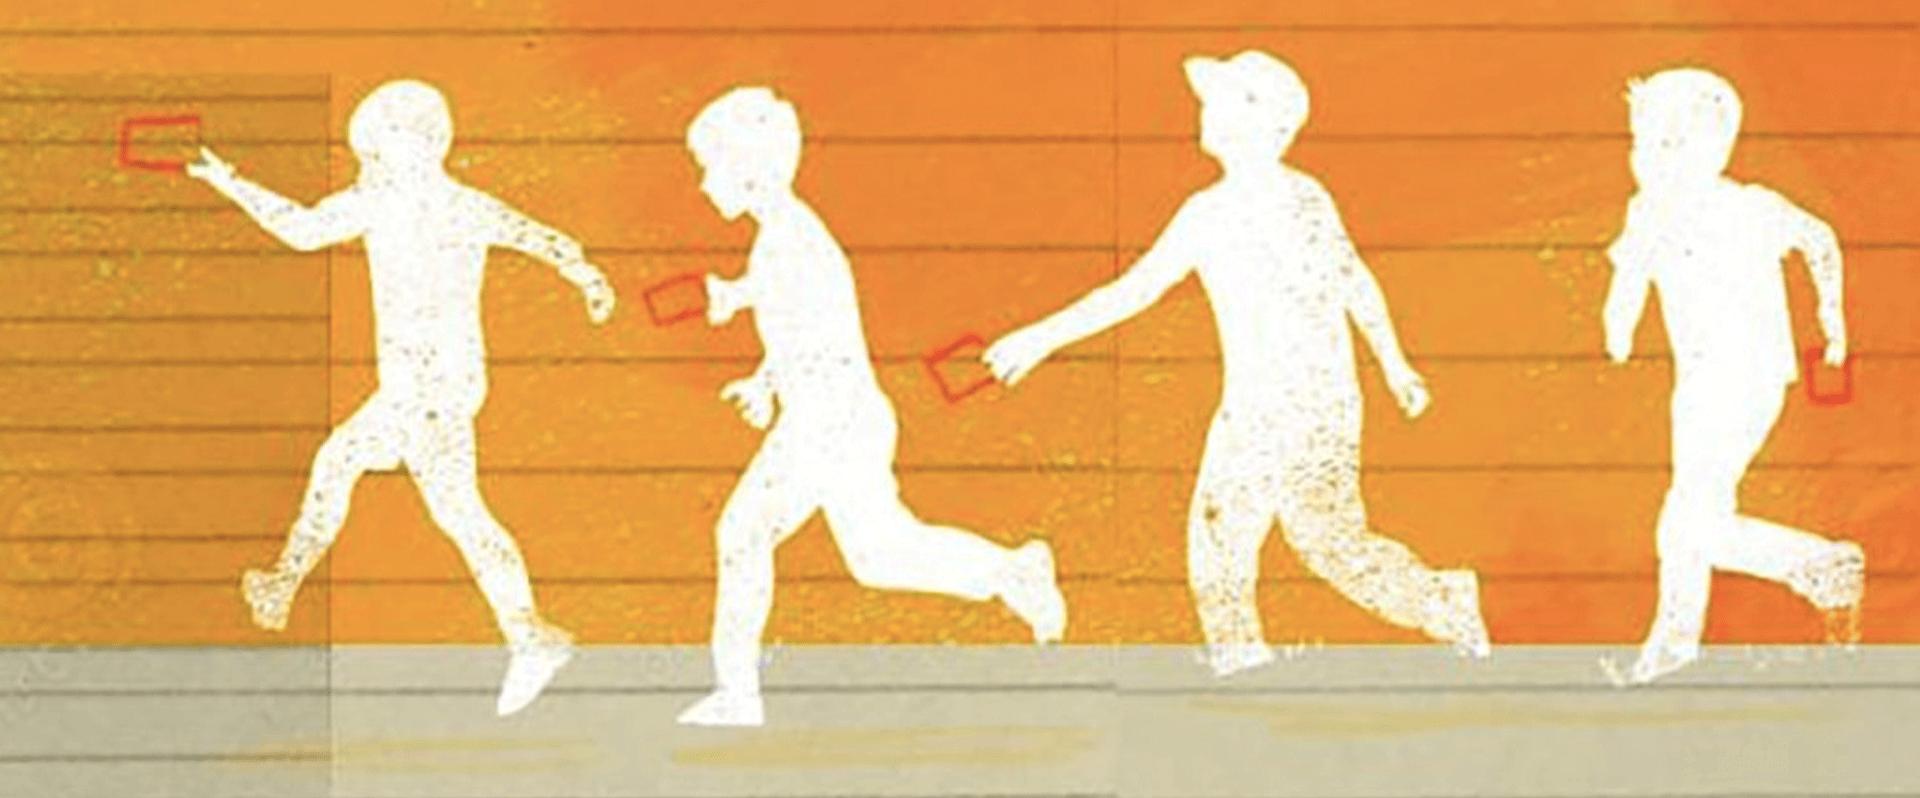 Hambre Cero: Desafío al Milenio en Primera Persona